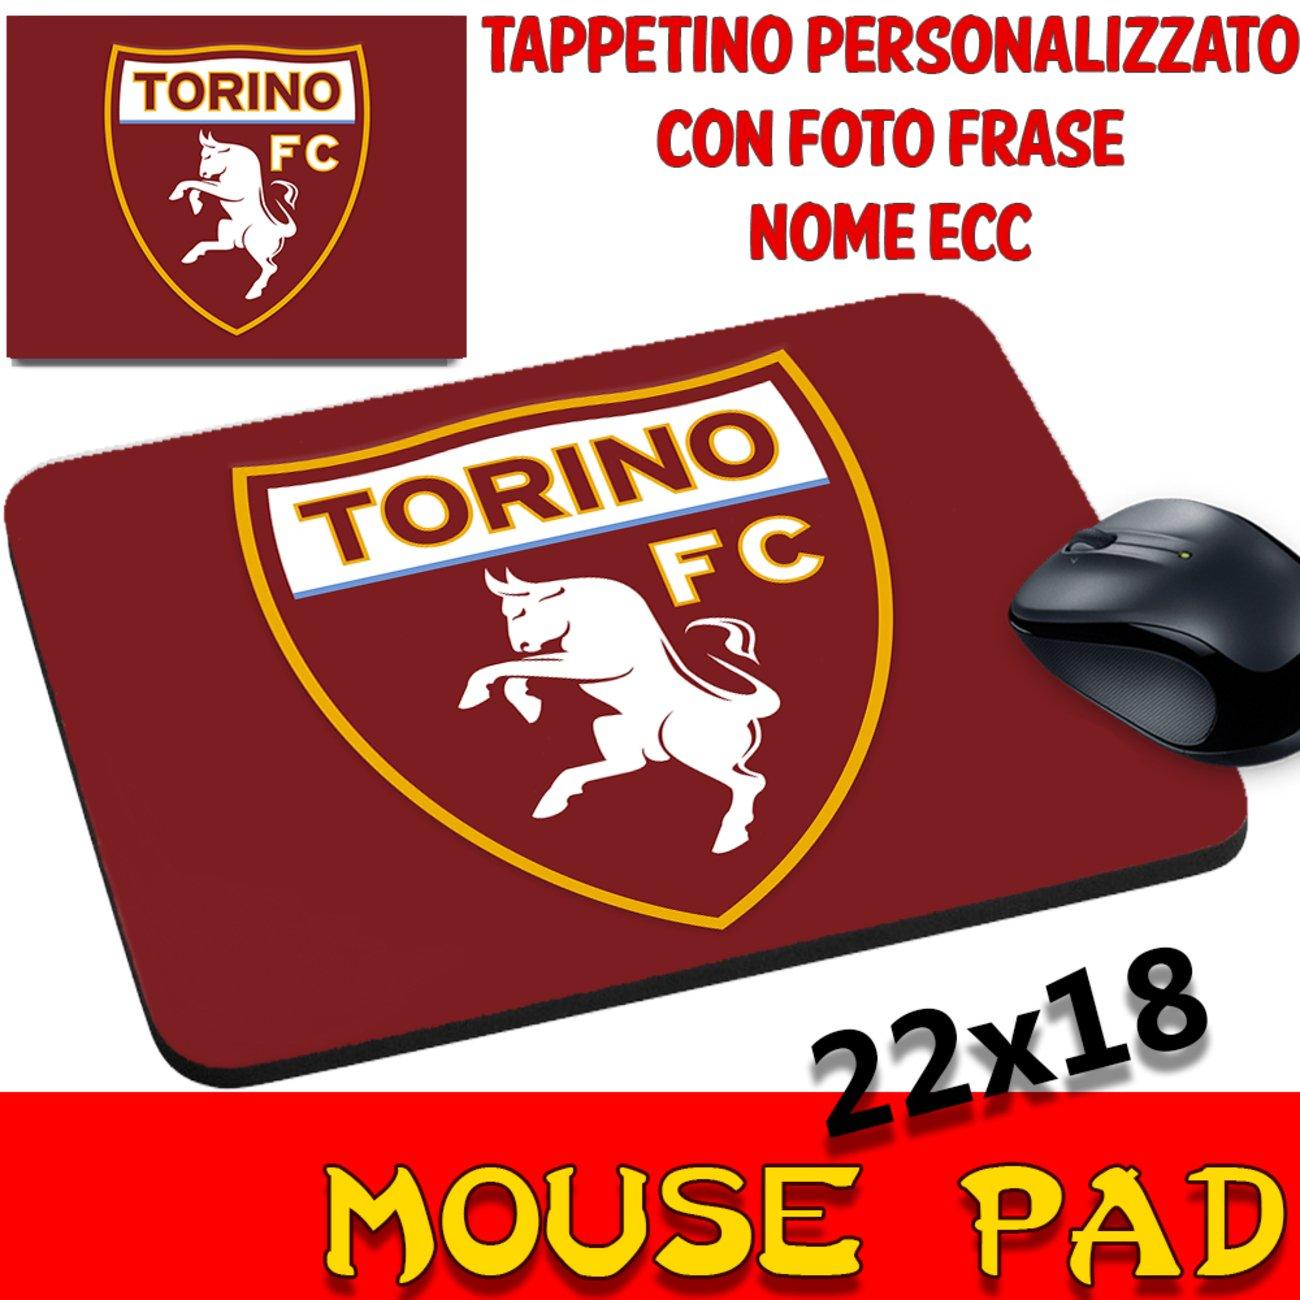 MyCust Tappetino Mouse Pad Personalizzato Squadre Calcio Torino FC Toro Granata Stemma Logo Foto